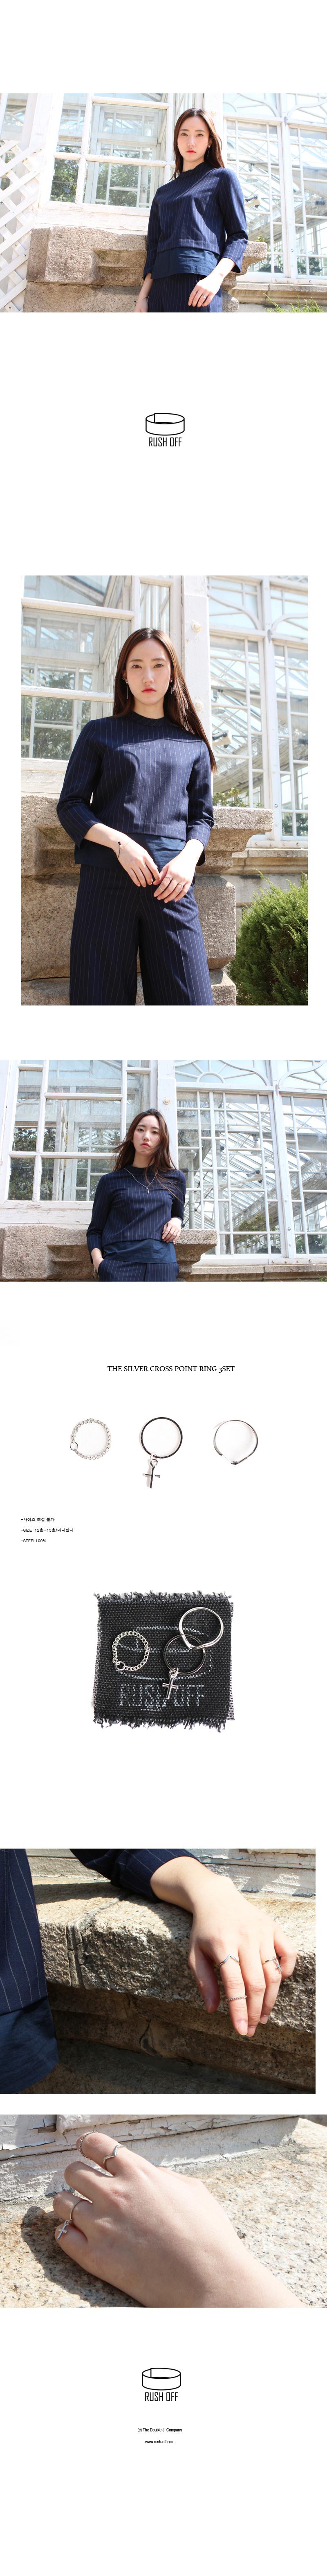 실버 십자가 포인트 반지 3set - 러쉬오프, 11,900원, 패션, 패션반지